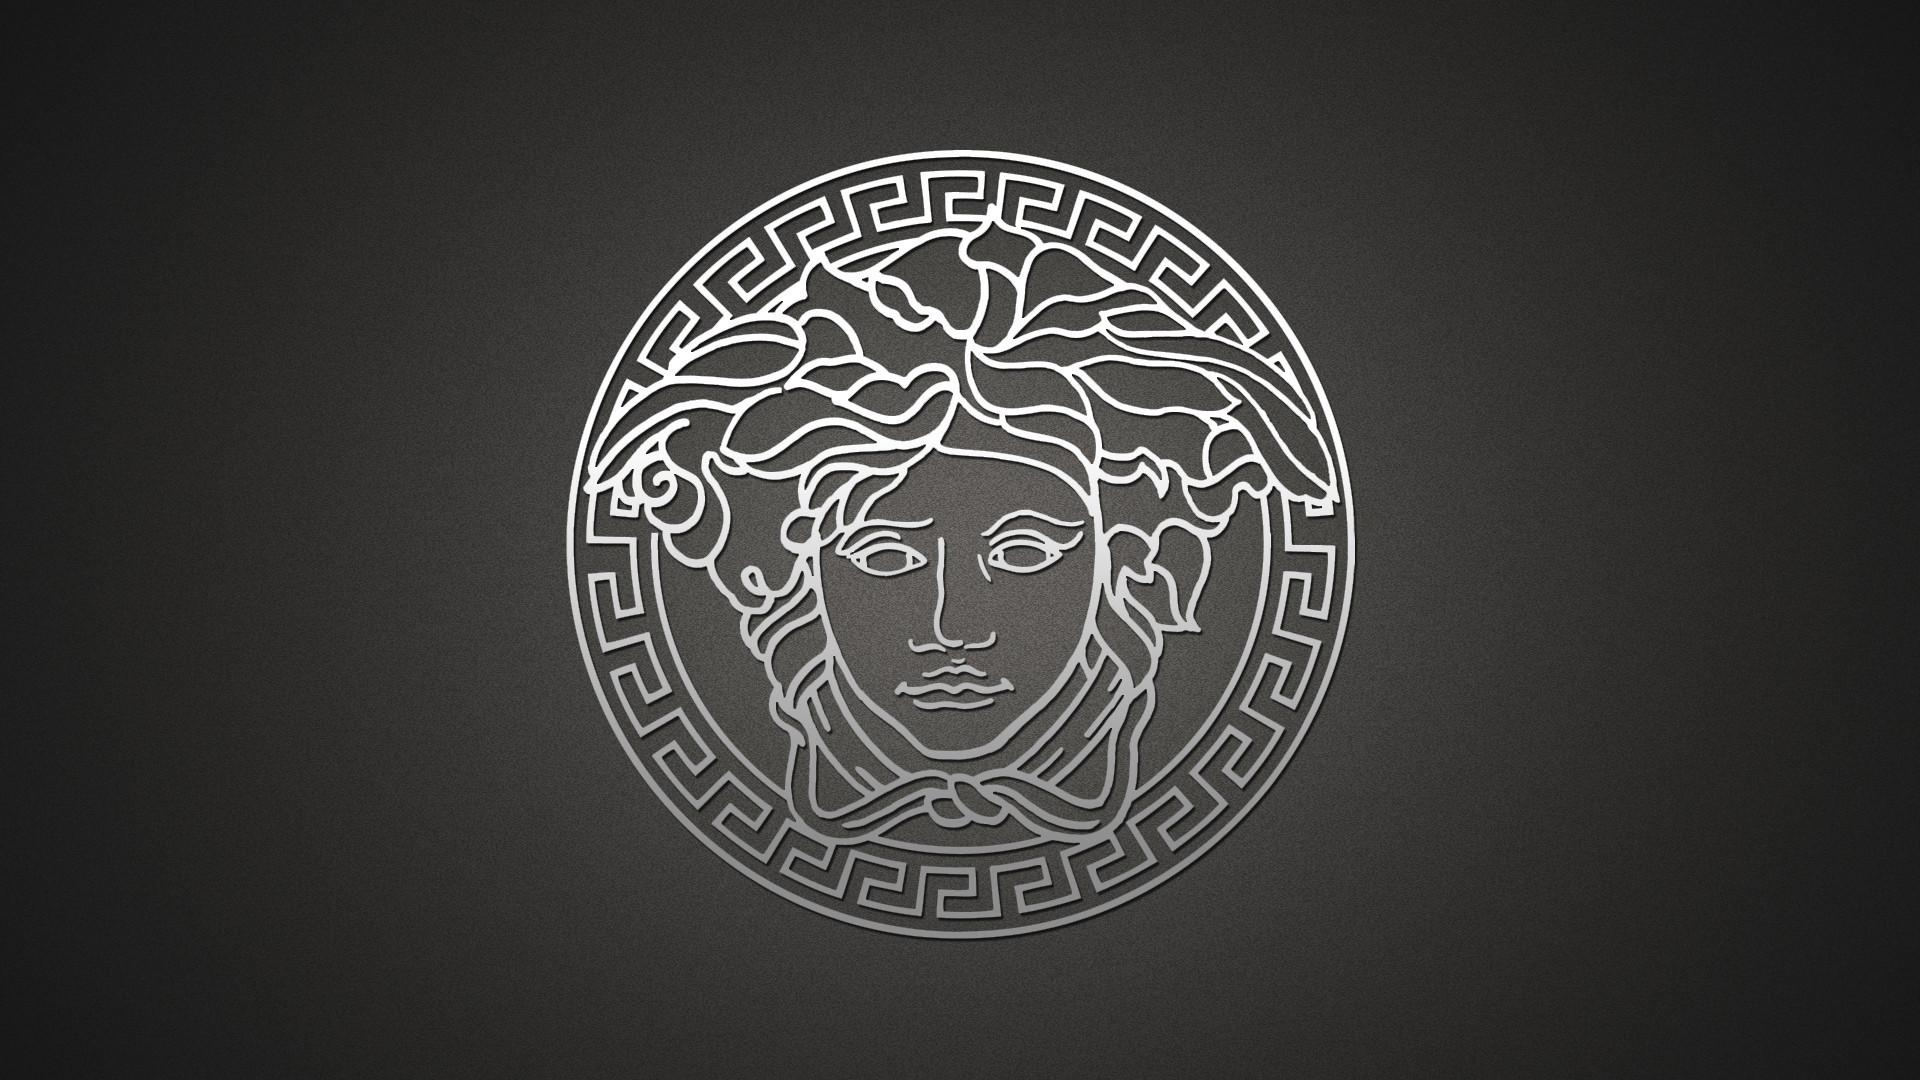 Res: 1920x1080, Versace Wallpaper 1920×1080 Mit Download Logo Brand Full HD 1080p 2 Und  42885